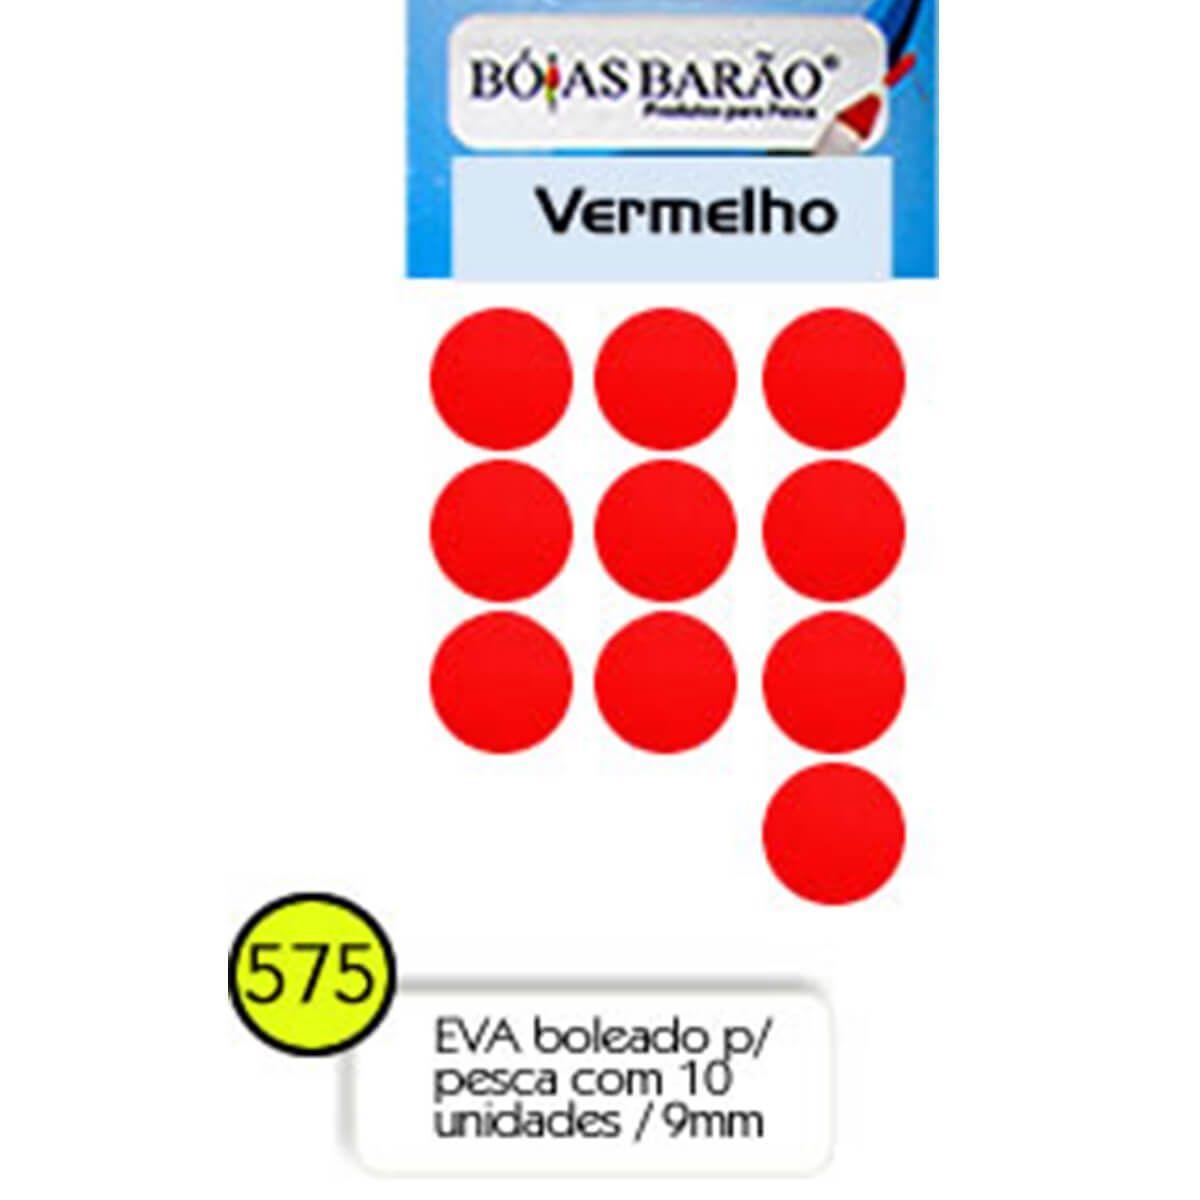 Eva Flutuador Boias Barão 9mm 10 unid - Nº 575